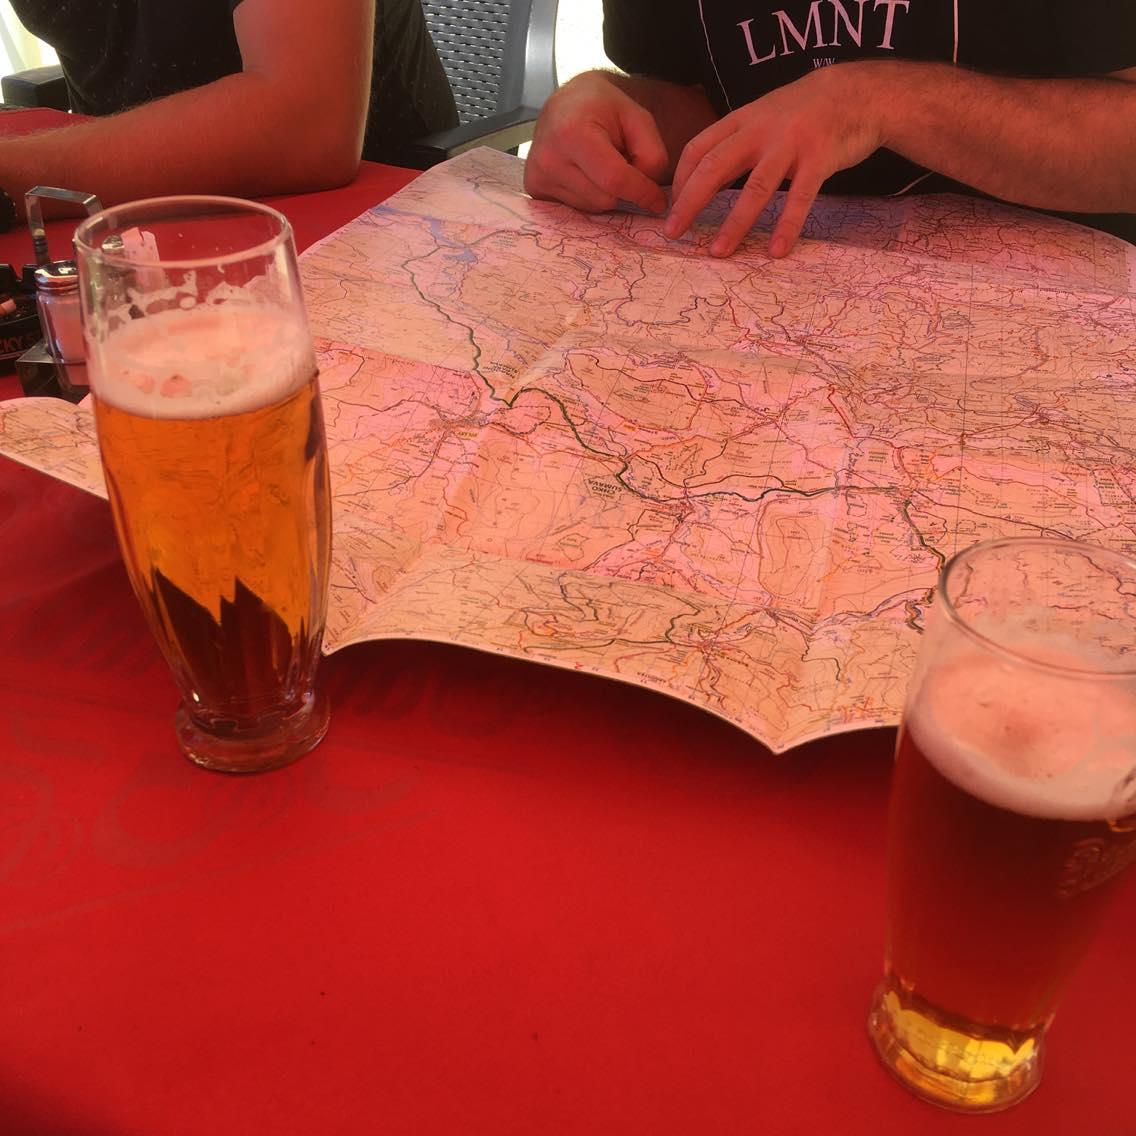 02 Smažák s kroketama, pivka a mapa. Máme to naplánovaný